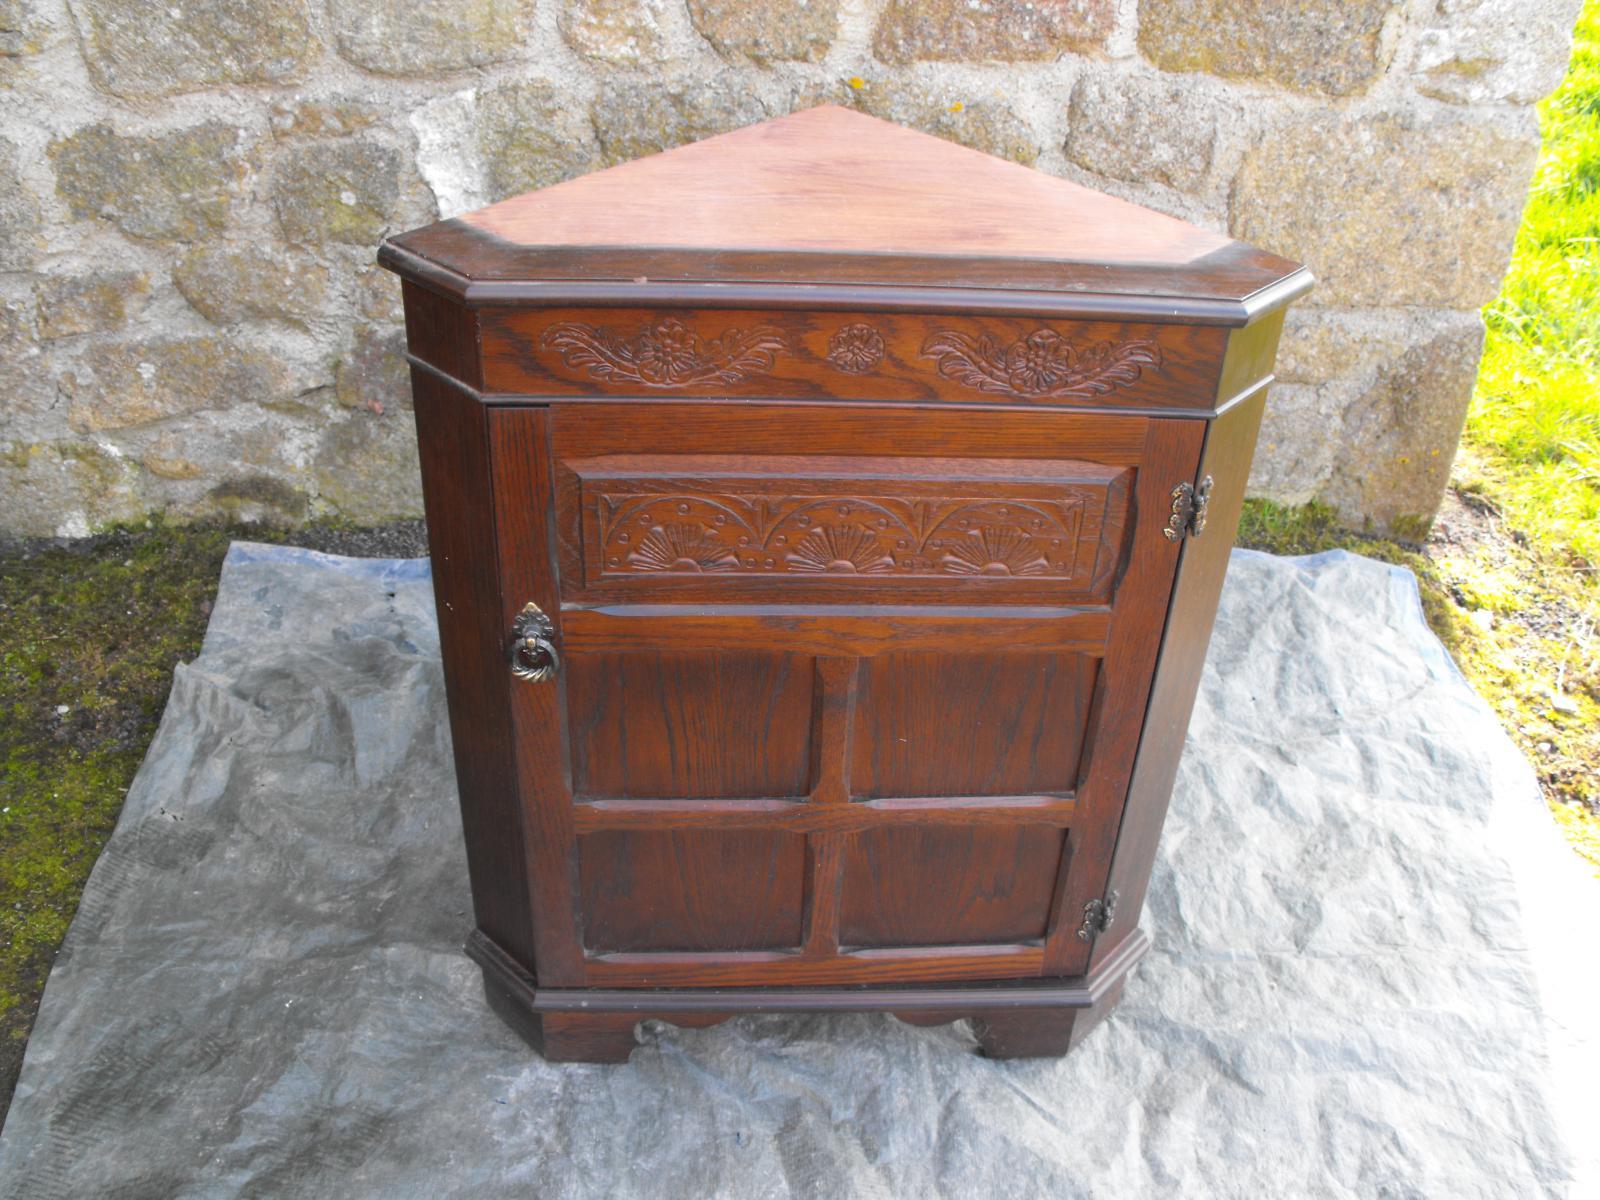 Comment reconnaitre le bois d un meuble for Decaper un meuble